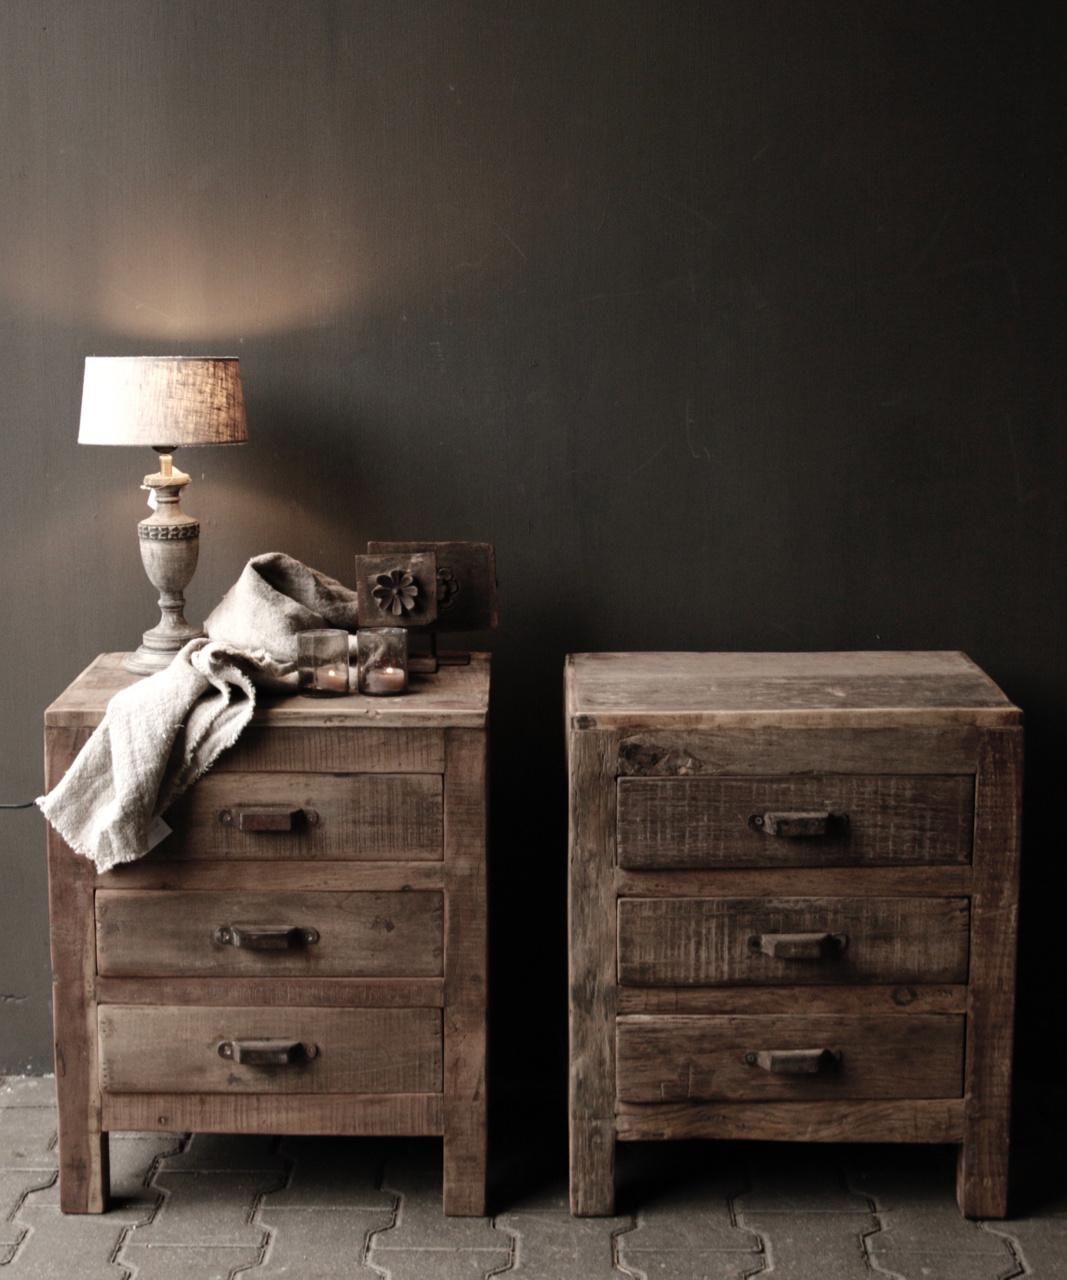 Schattig klein houten donkergrijs/bruin lampje-3